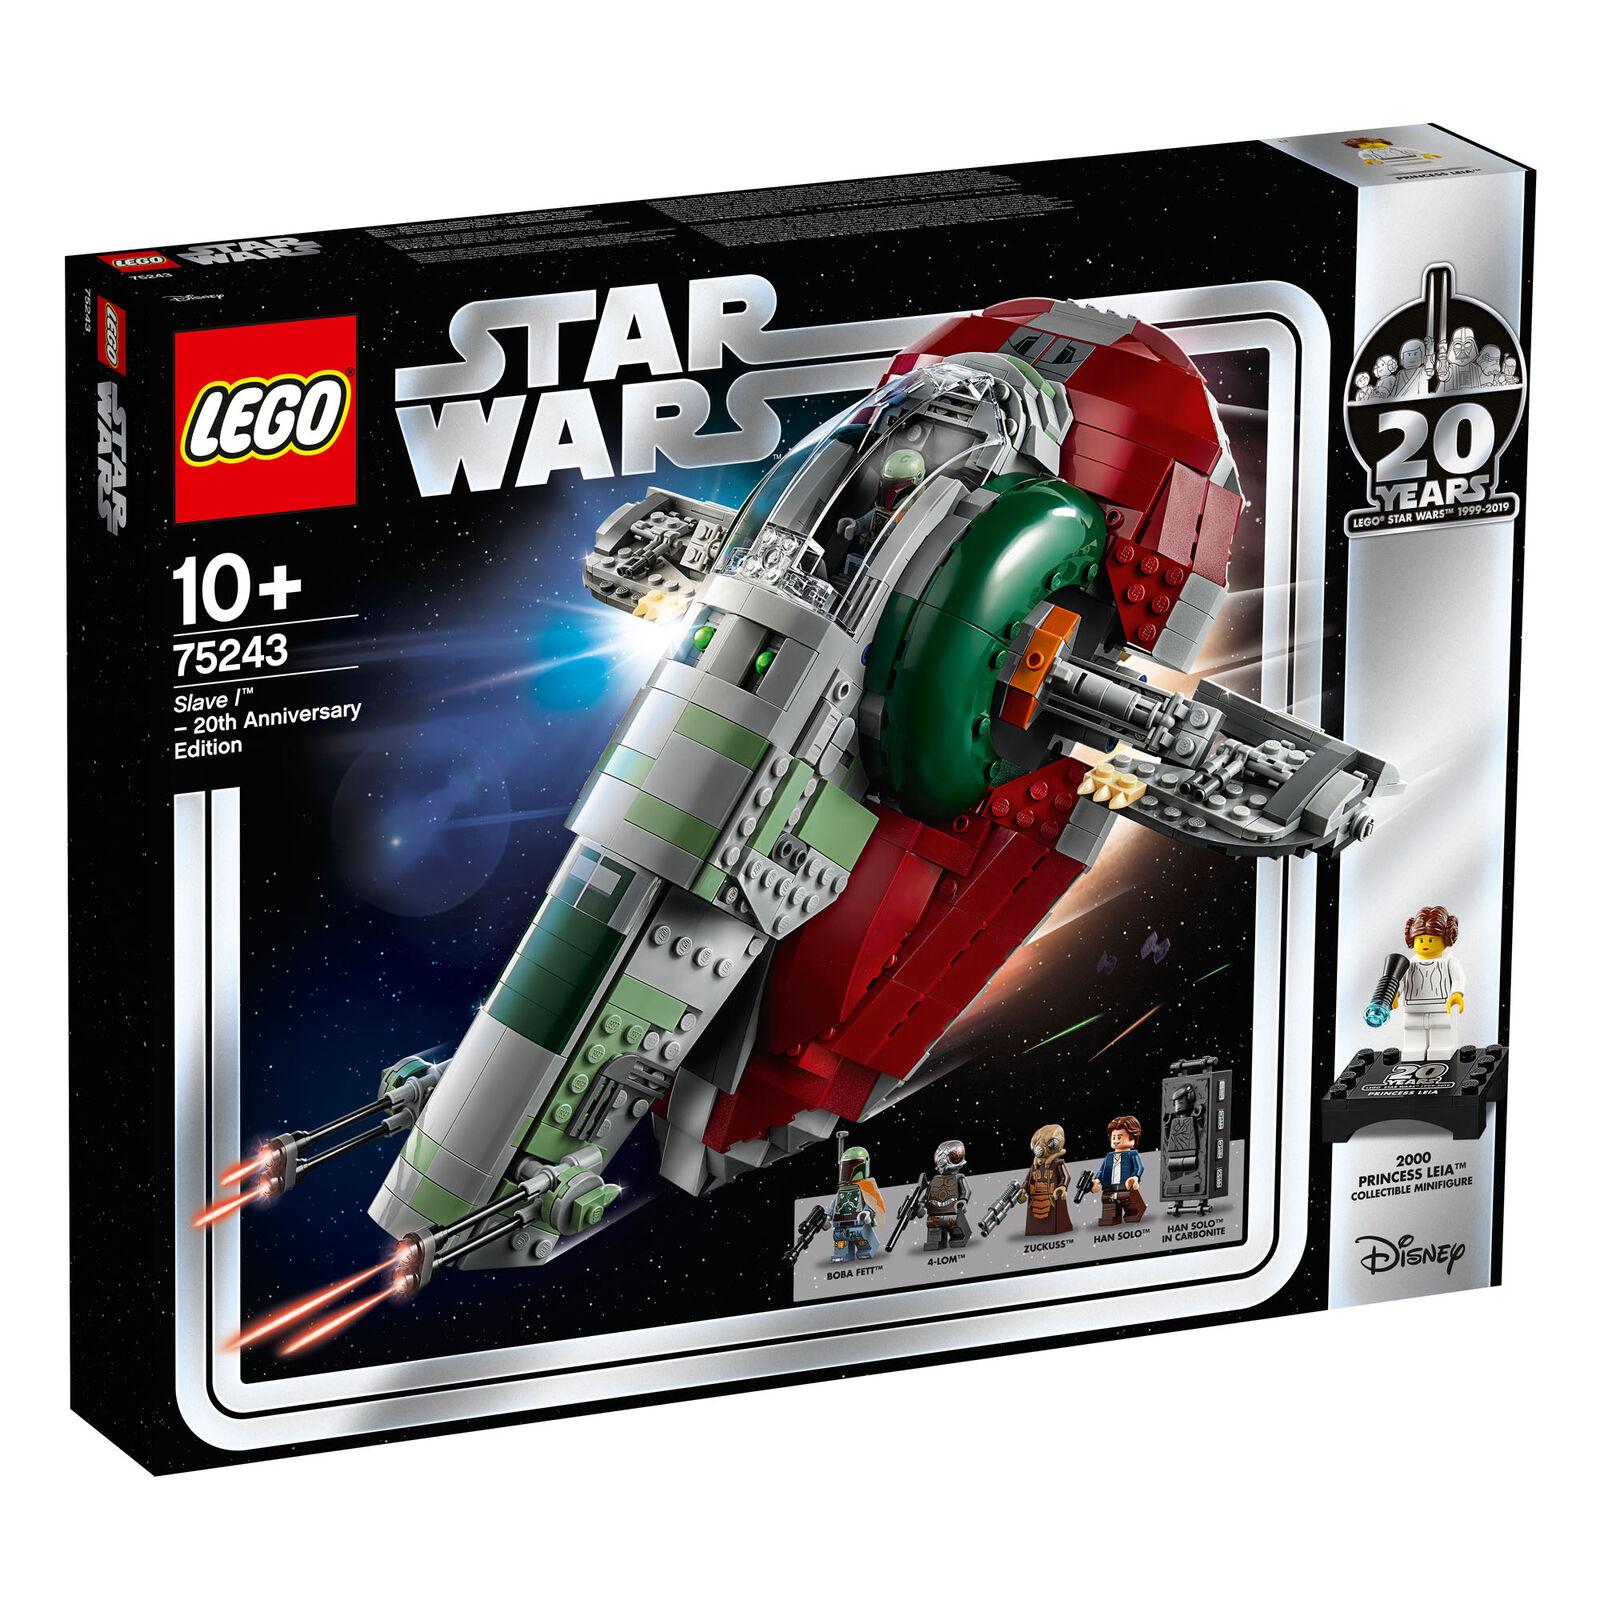 75243 Lego Guerra de las galaxias esclavo L - 20th Edición de aniversario 1007 piezas 10+ años